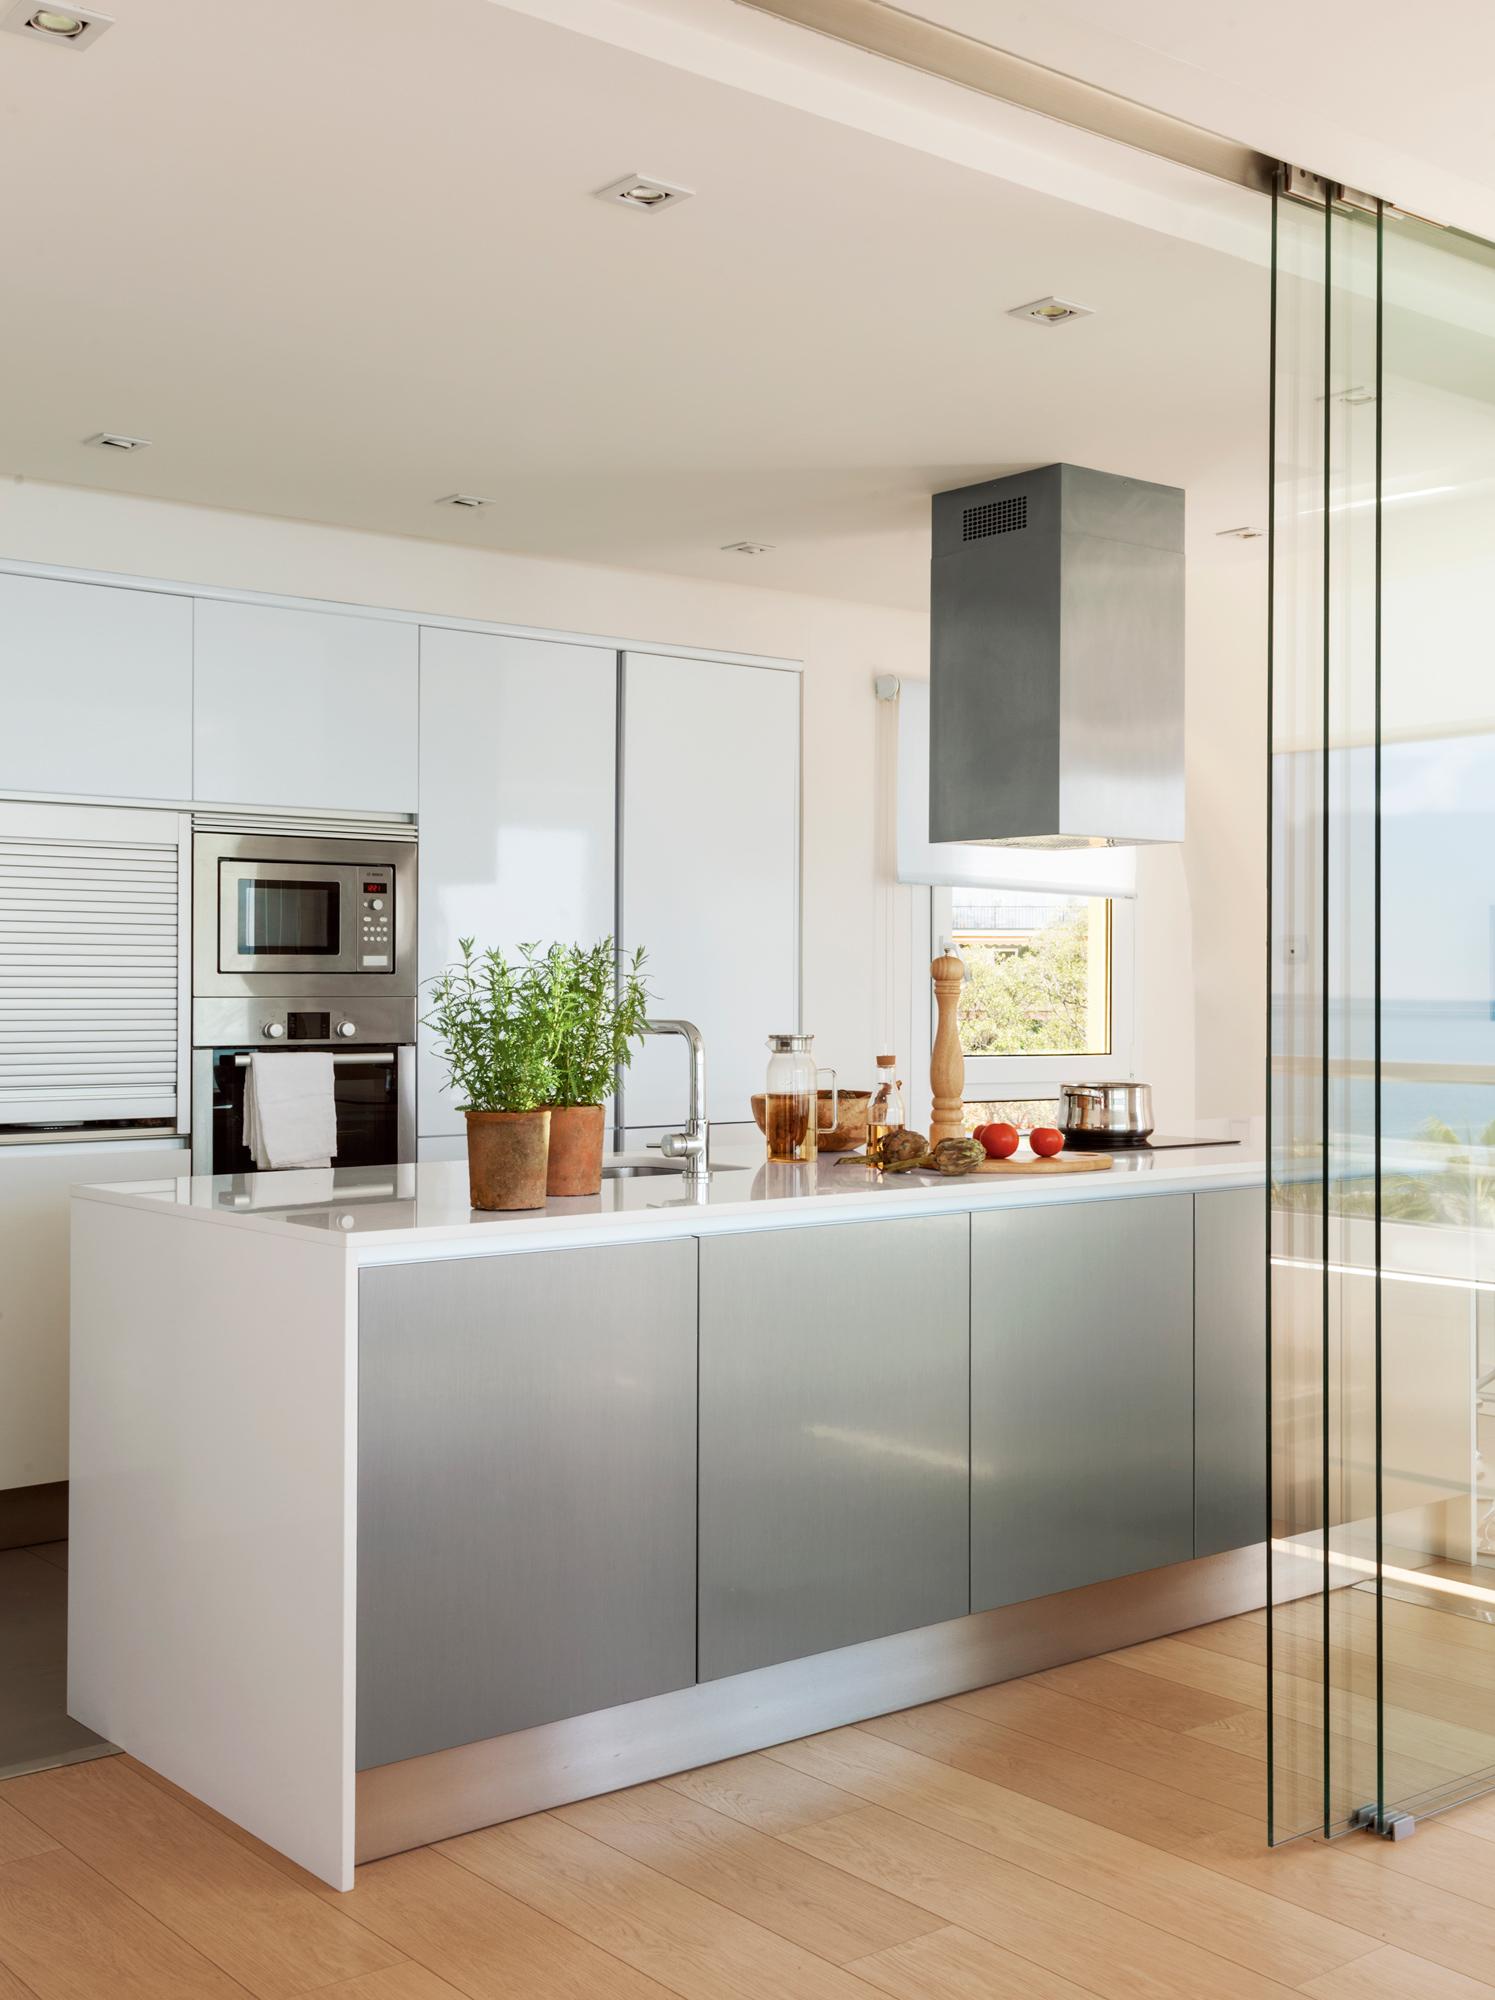 Puertas correderas para evitar barreras y ahorrar espacio for Cocinas con islas en el medio